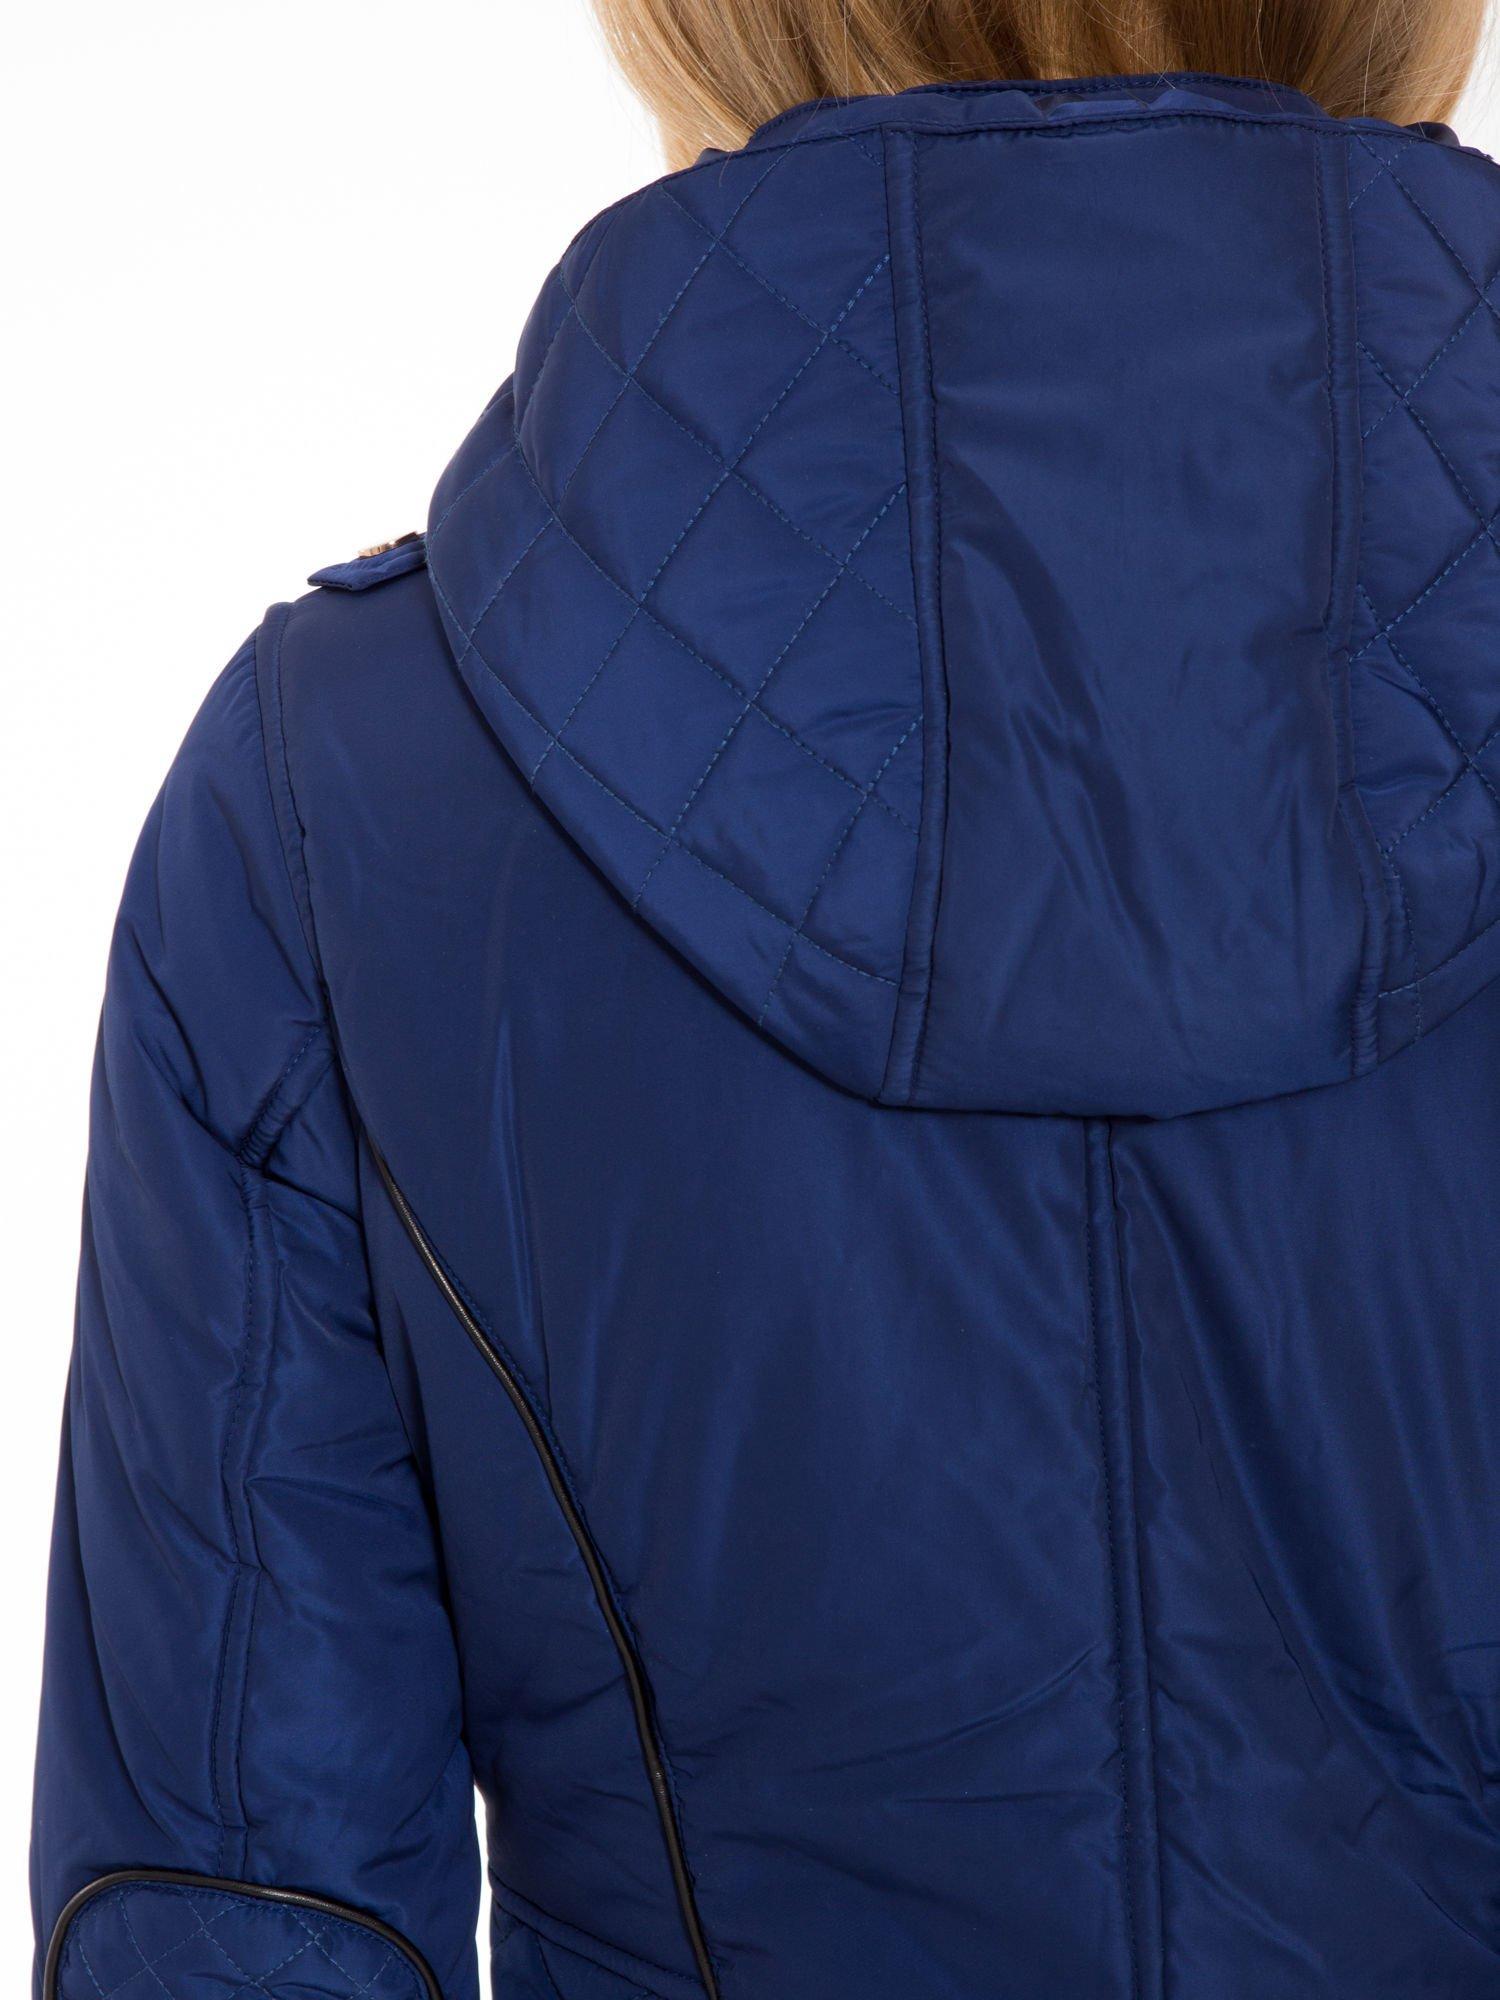 Granatowa kurtka z pikowanymi wstawkami i kontrastową lamówką                                  zdj.                                  8